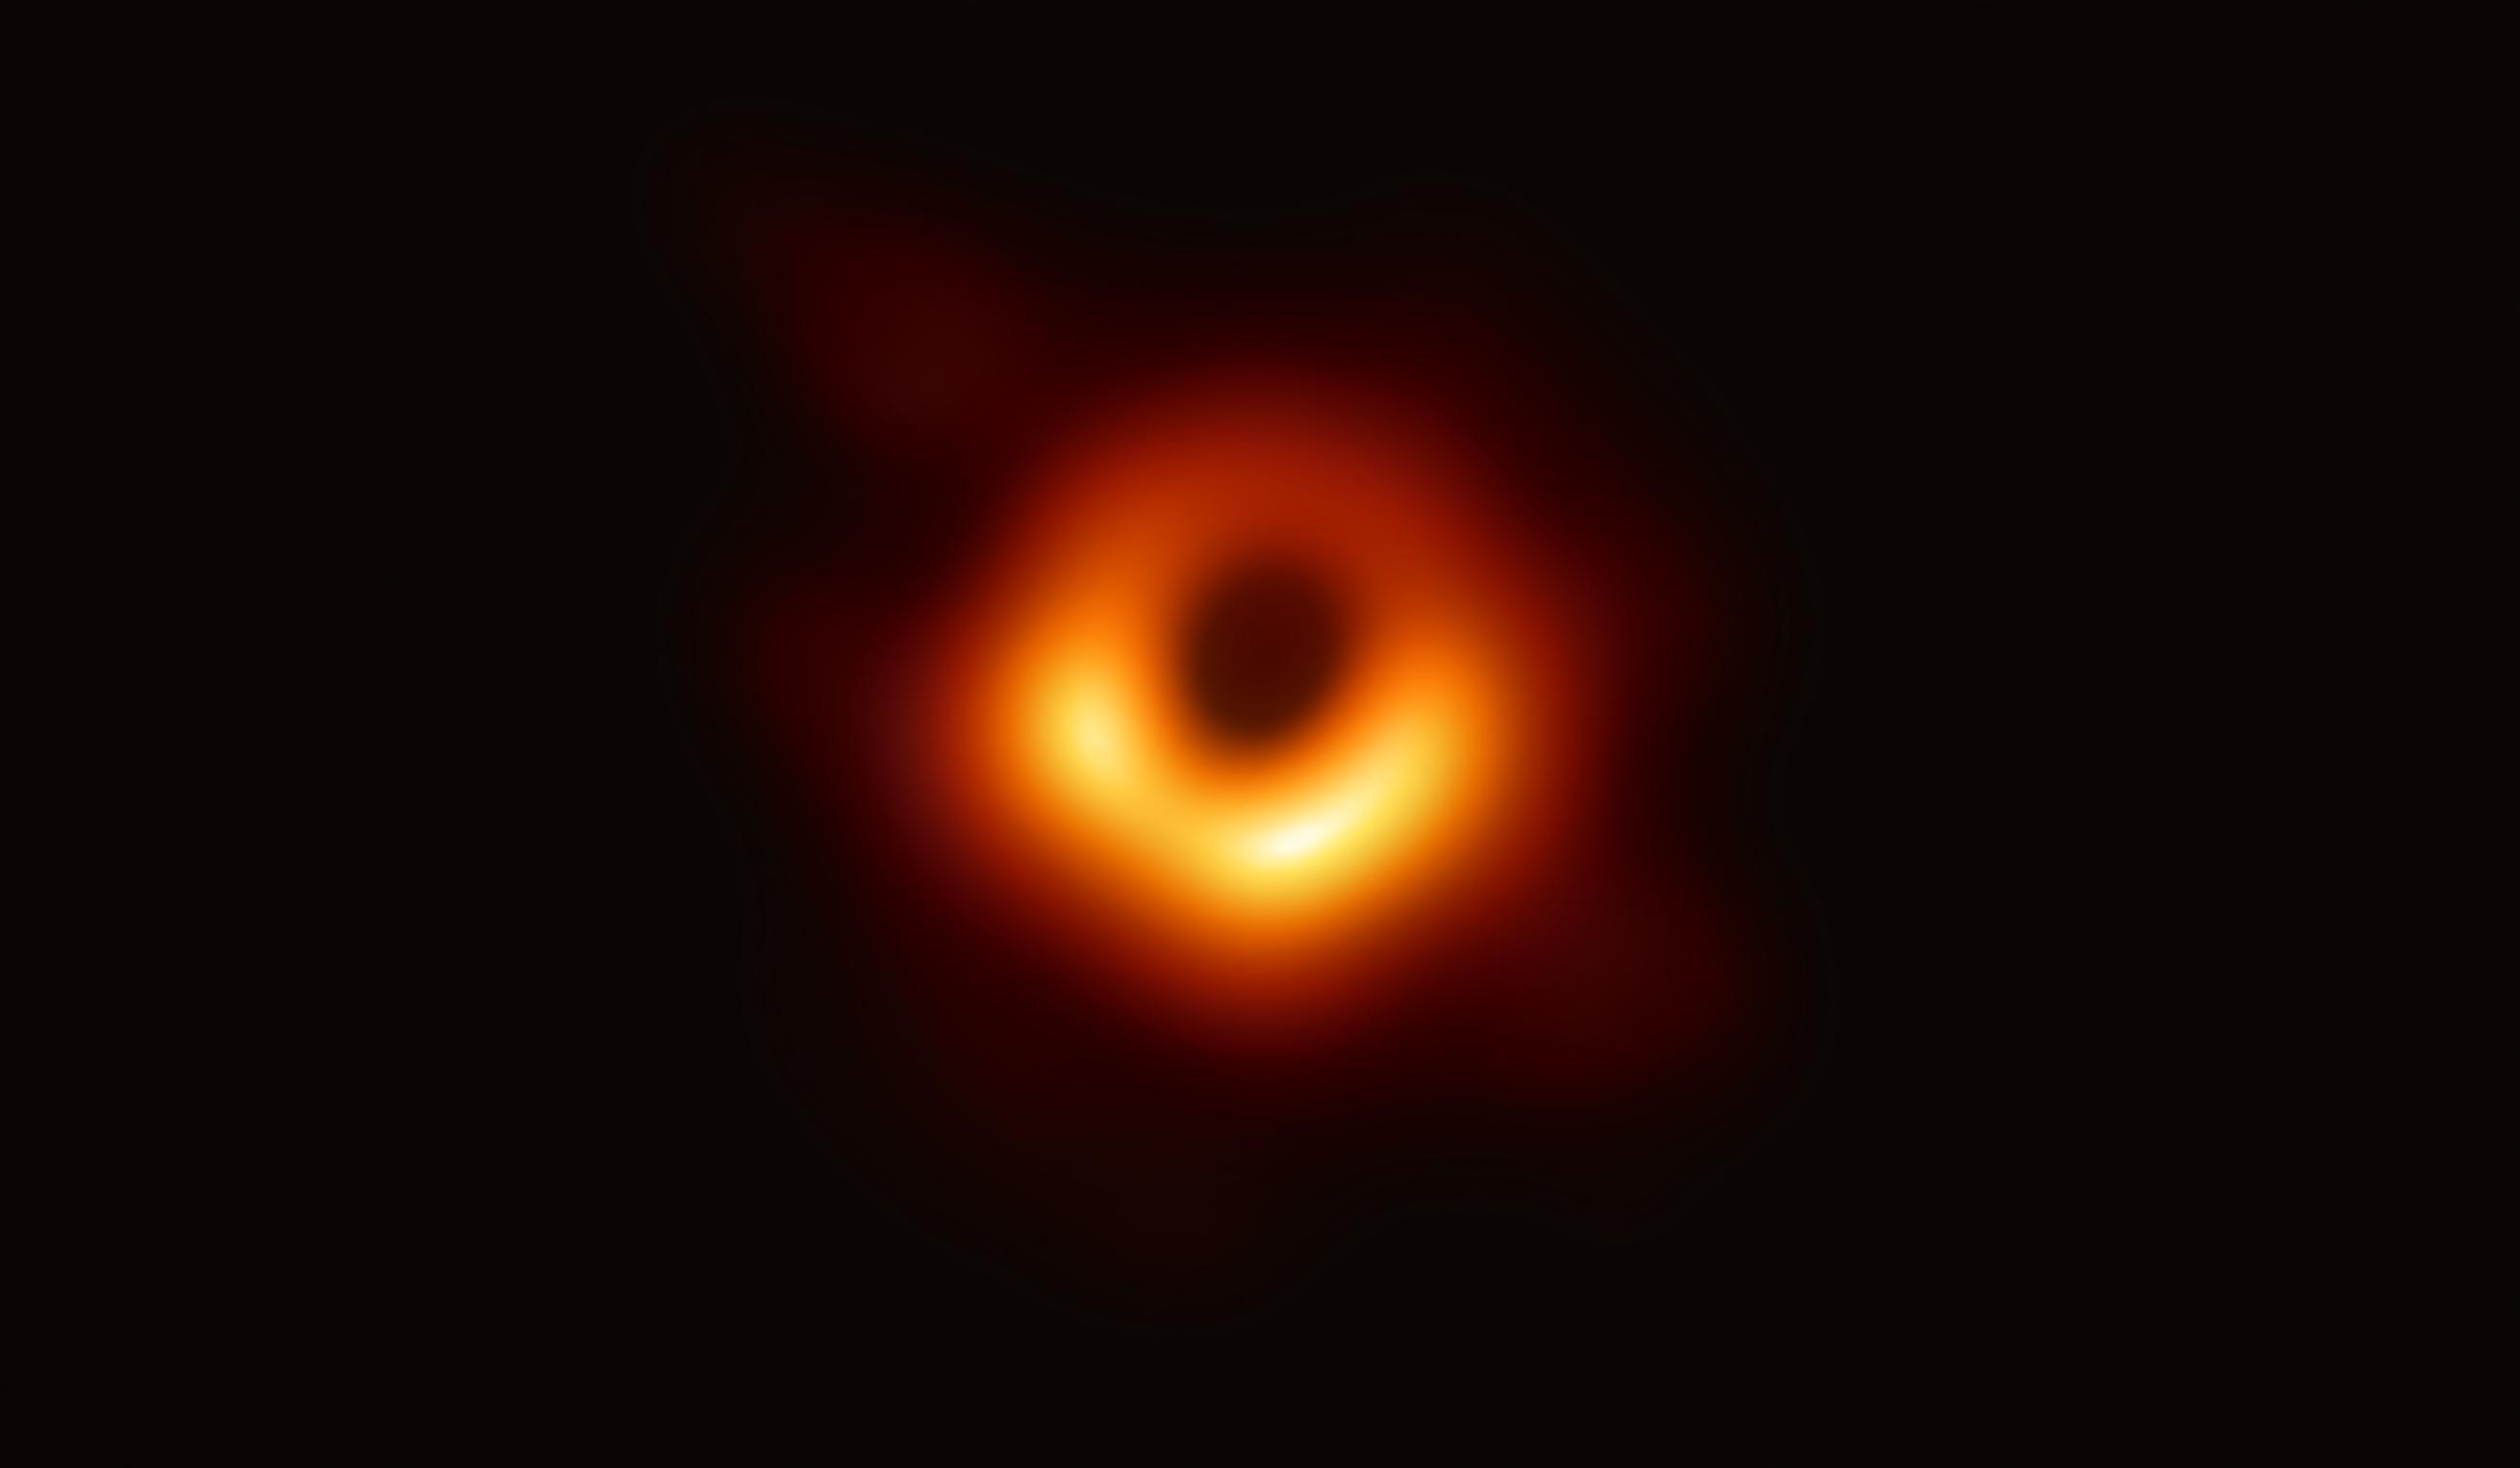 Hoe groot kan een zwart gat worden? - De Standaard